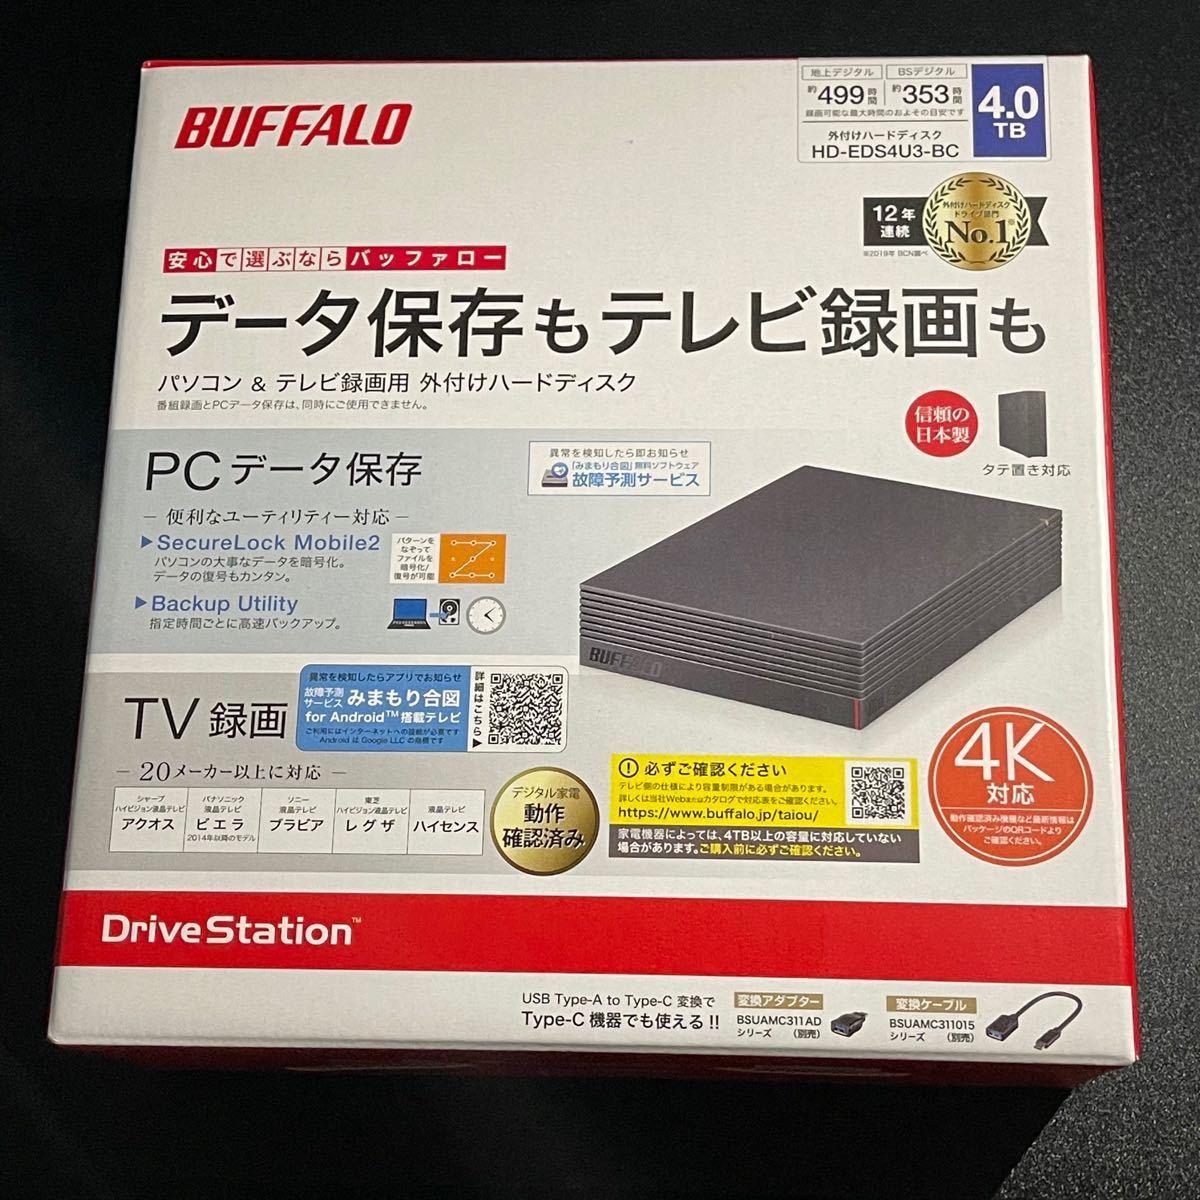 対応 バッファロー 表 hdd レコーダー対応表 [ハードディスク(HDD)、リモコン]